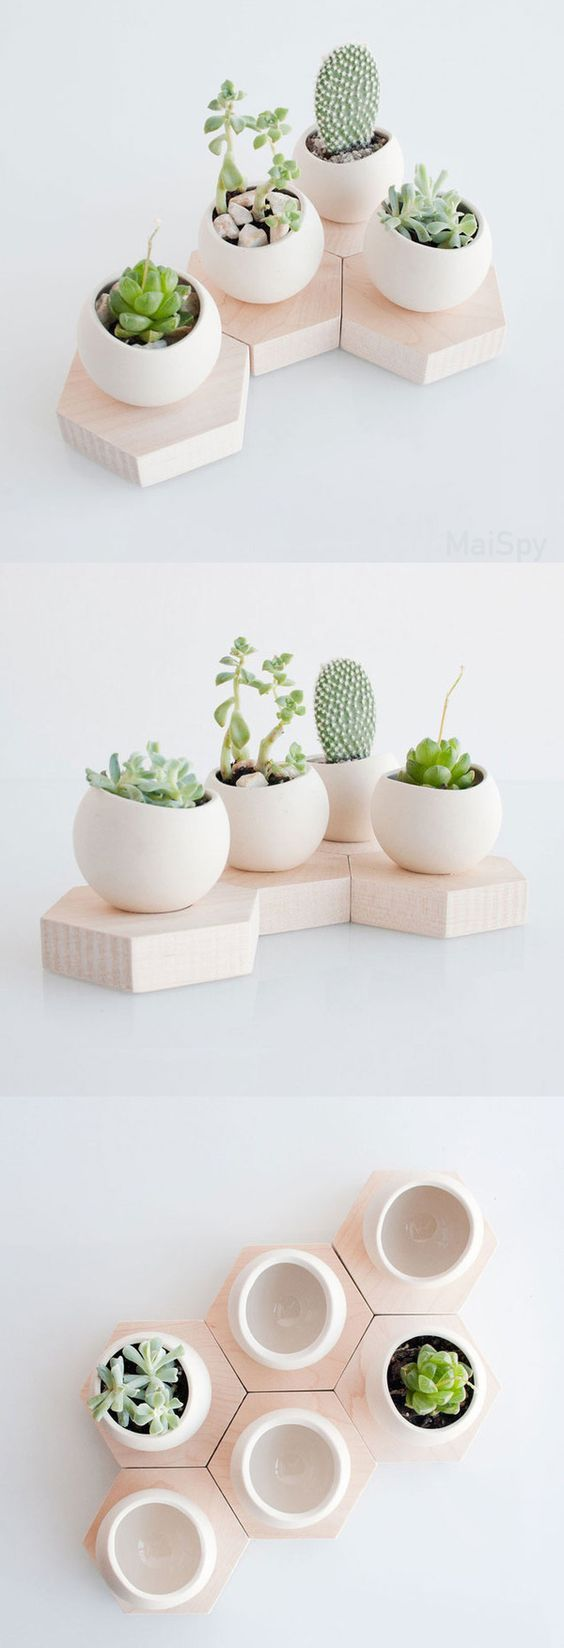 9 Formas inesperadas de decorar com plantas | Decoralista